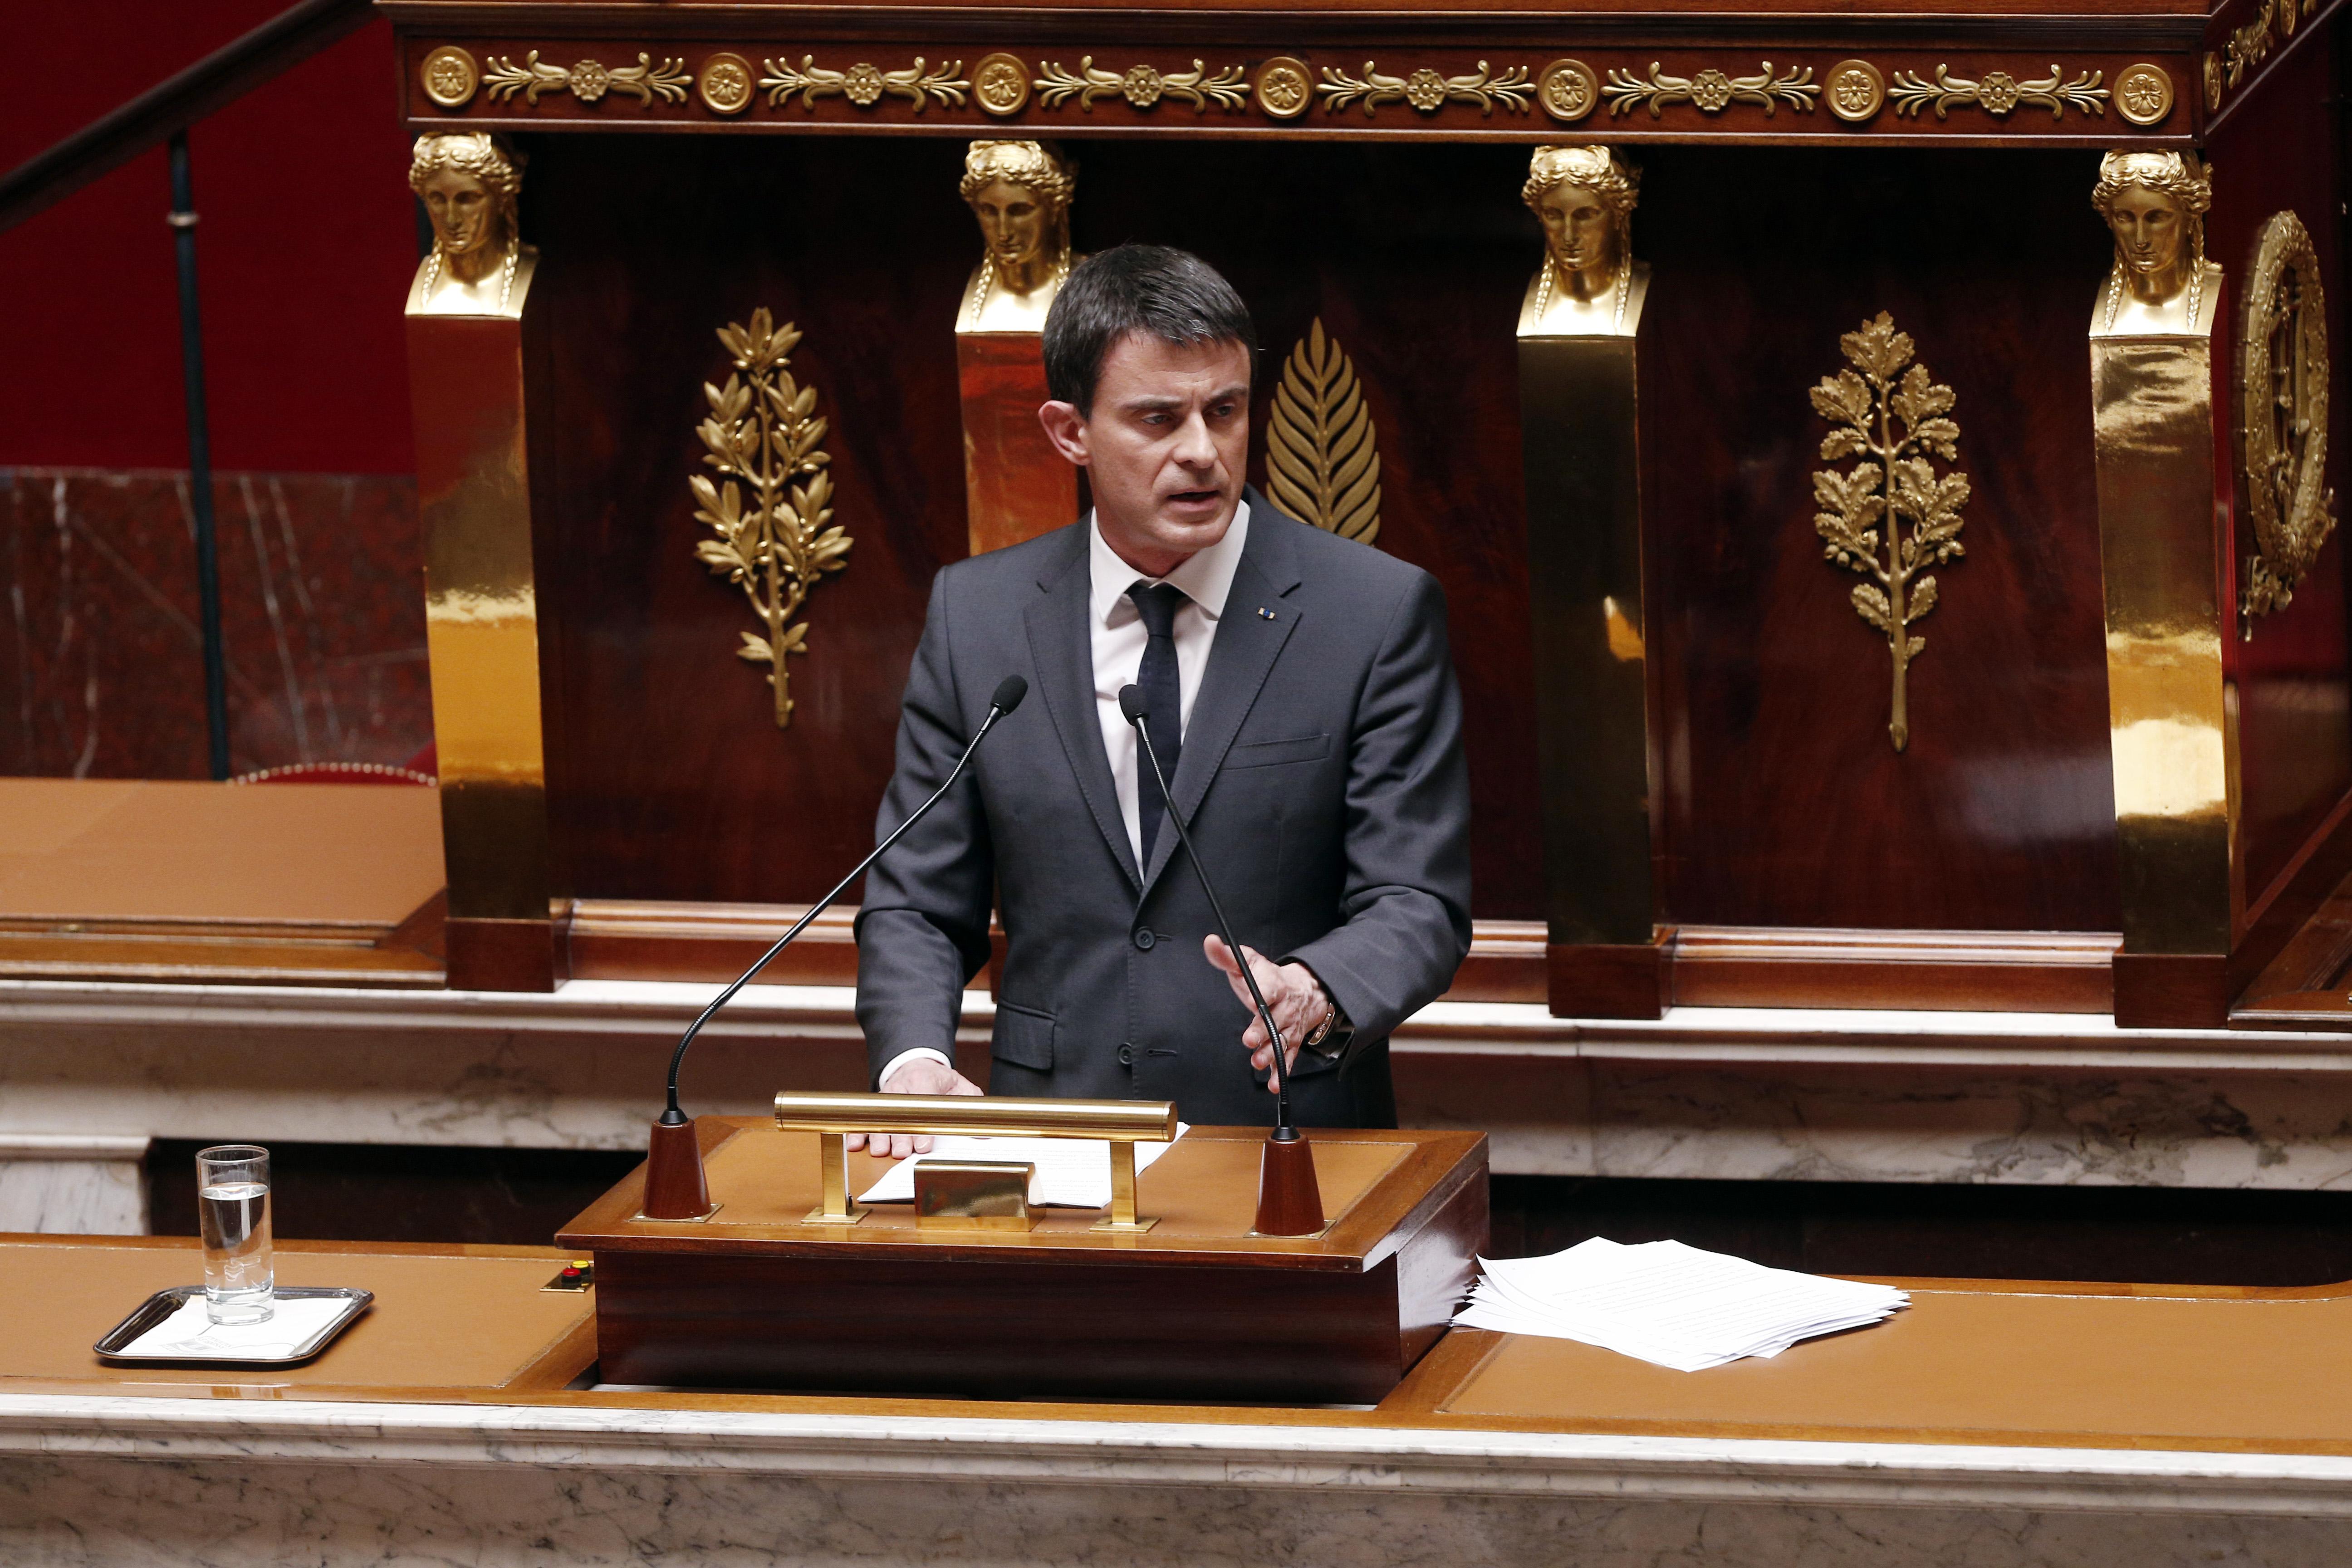 France : Vif débat à l'Assemblée suscité par la loi sur le renseignement